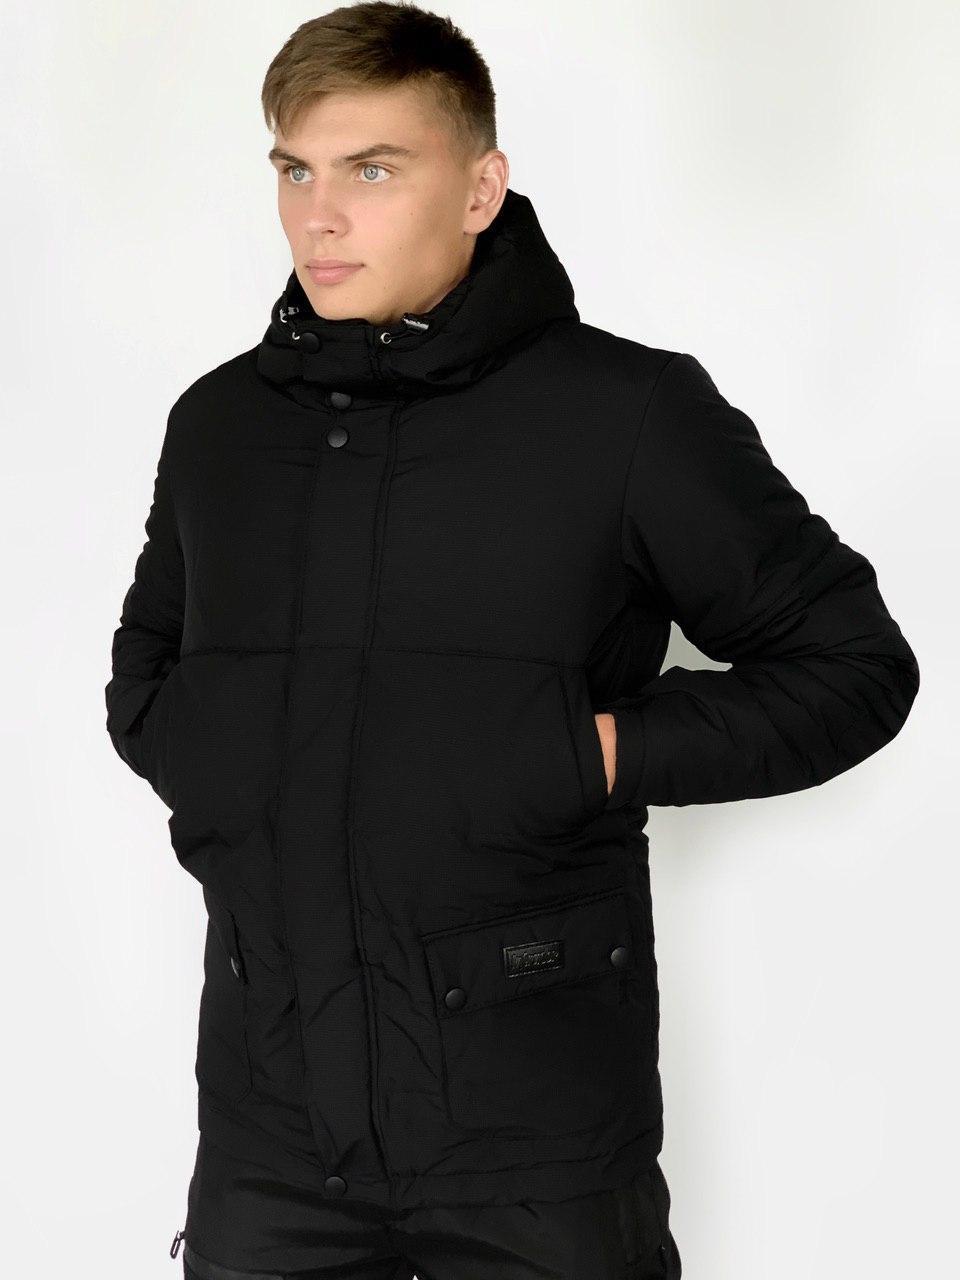 Демисезонная куртка Waterproof Intruder XL Черная ( 1589541372/2)